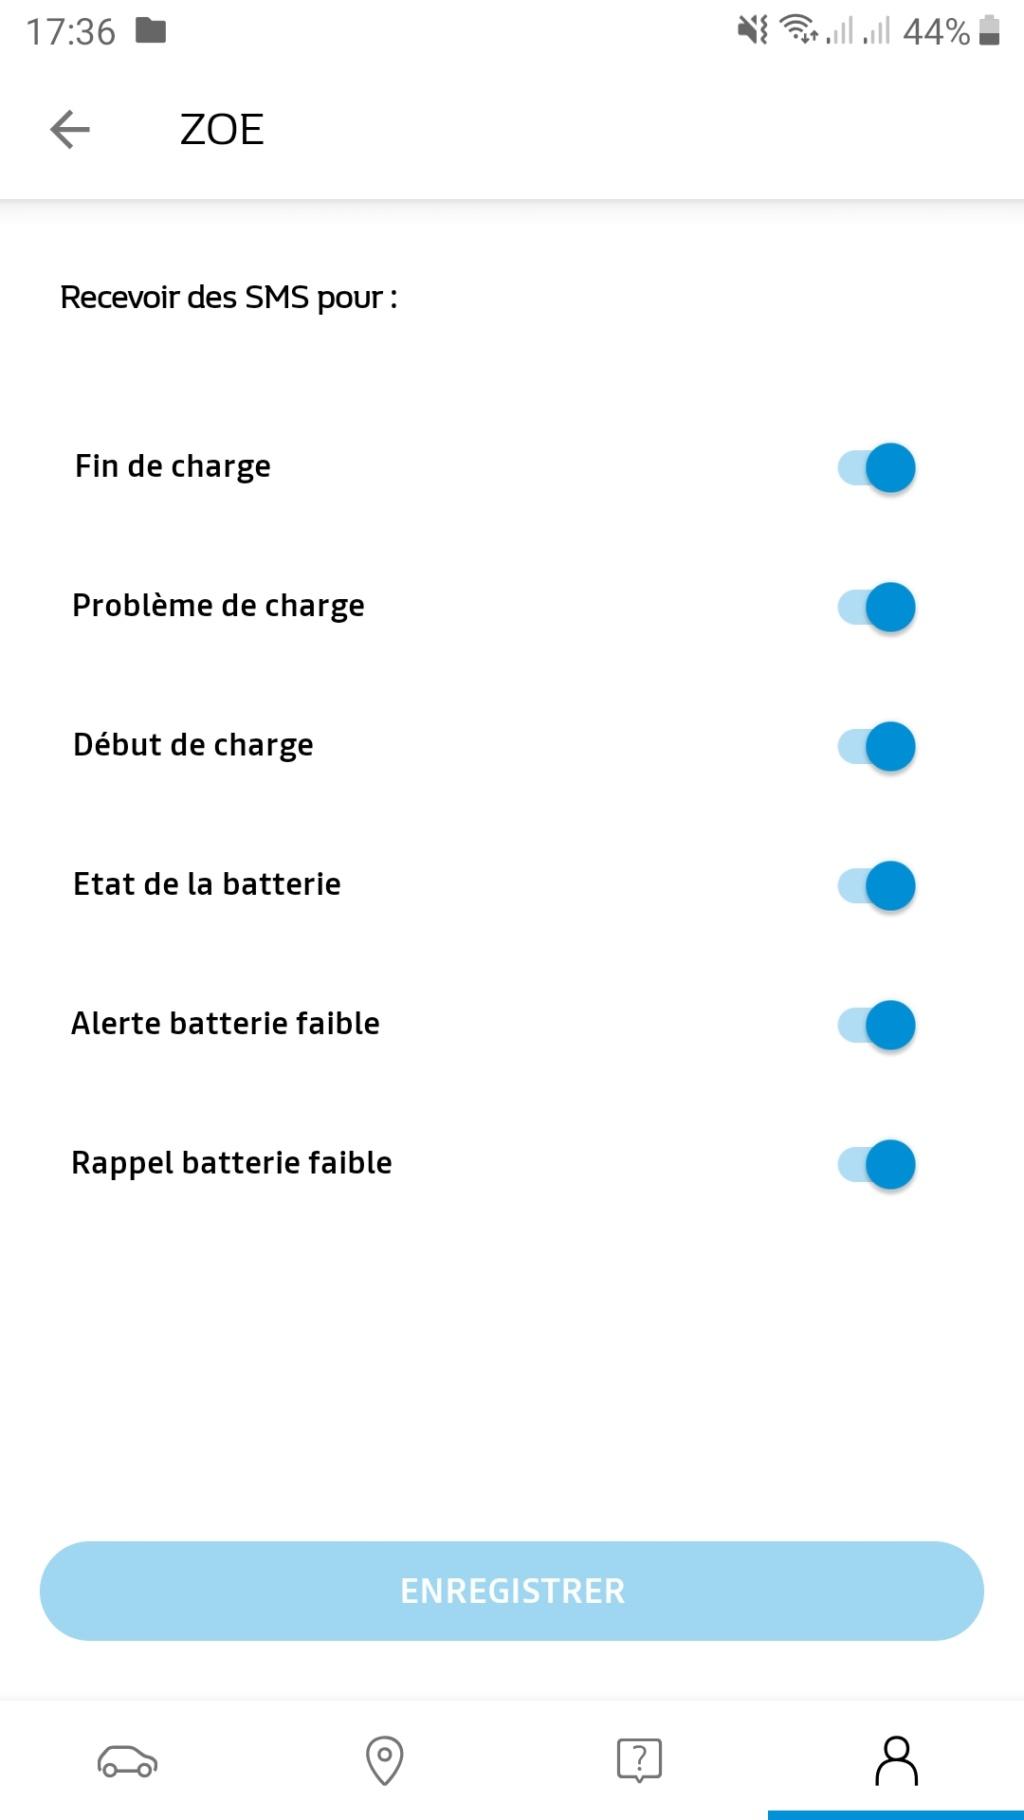 C'est prévu qu'un jour l'app MyRenault fonctionne bien ou pas ? - Page 3 Screen11